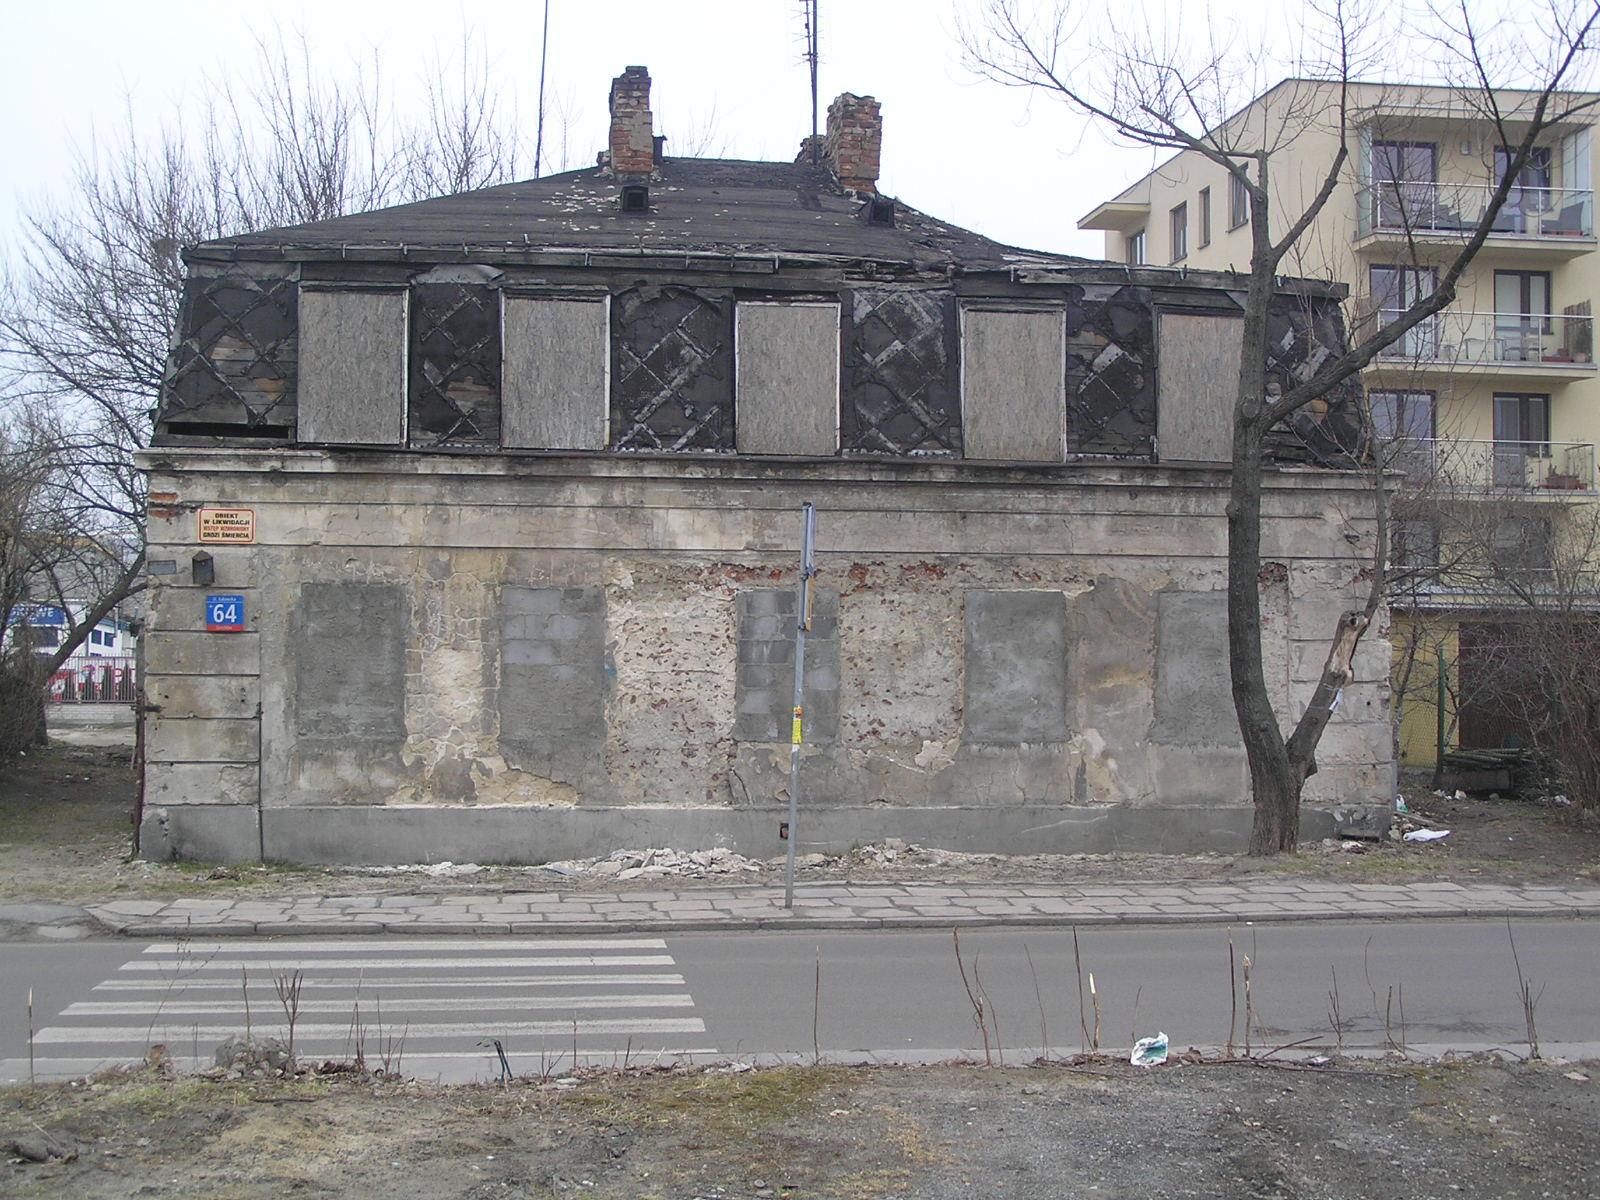 Dom przy ulicy Łukowskiej 64 na Grochowie